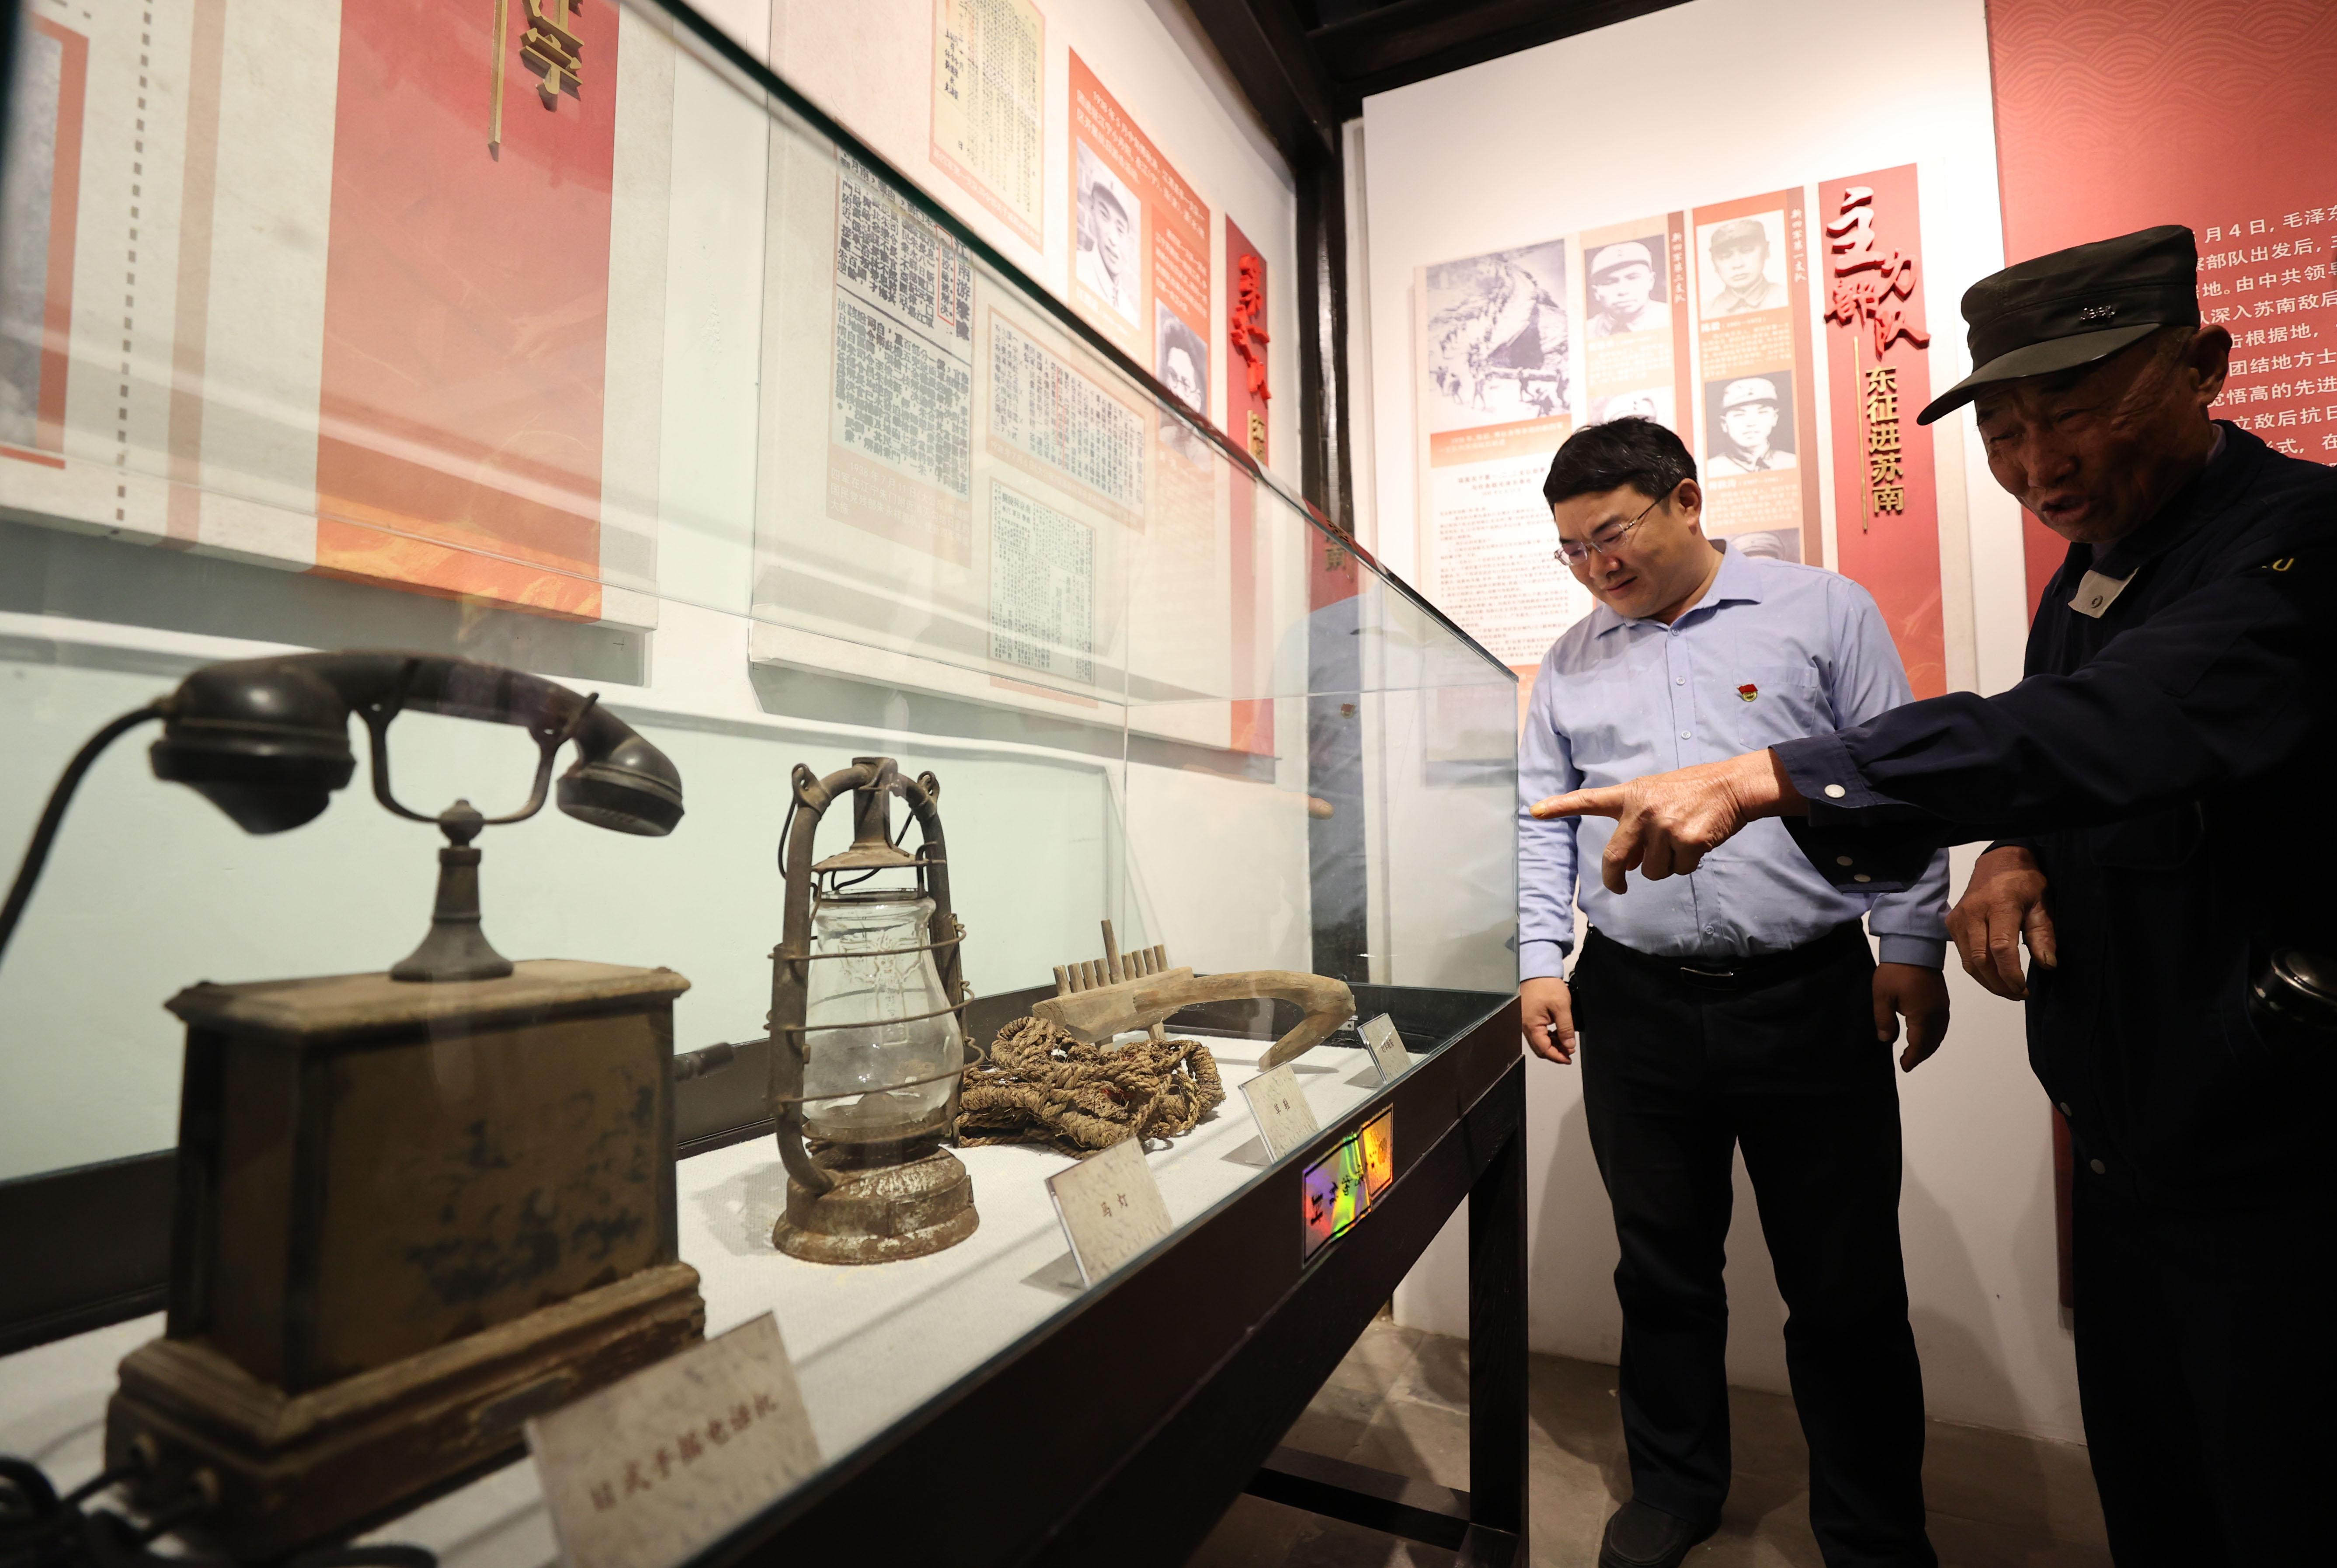 陈列馆内,近距离观看历史实物。南报融媒体记者 冯芃摄